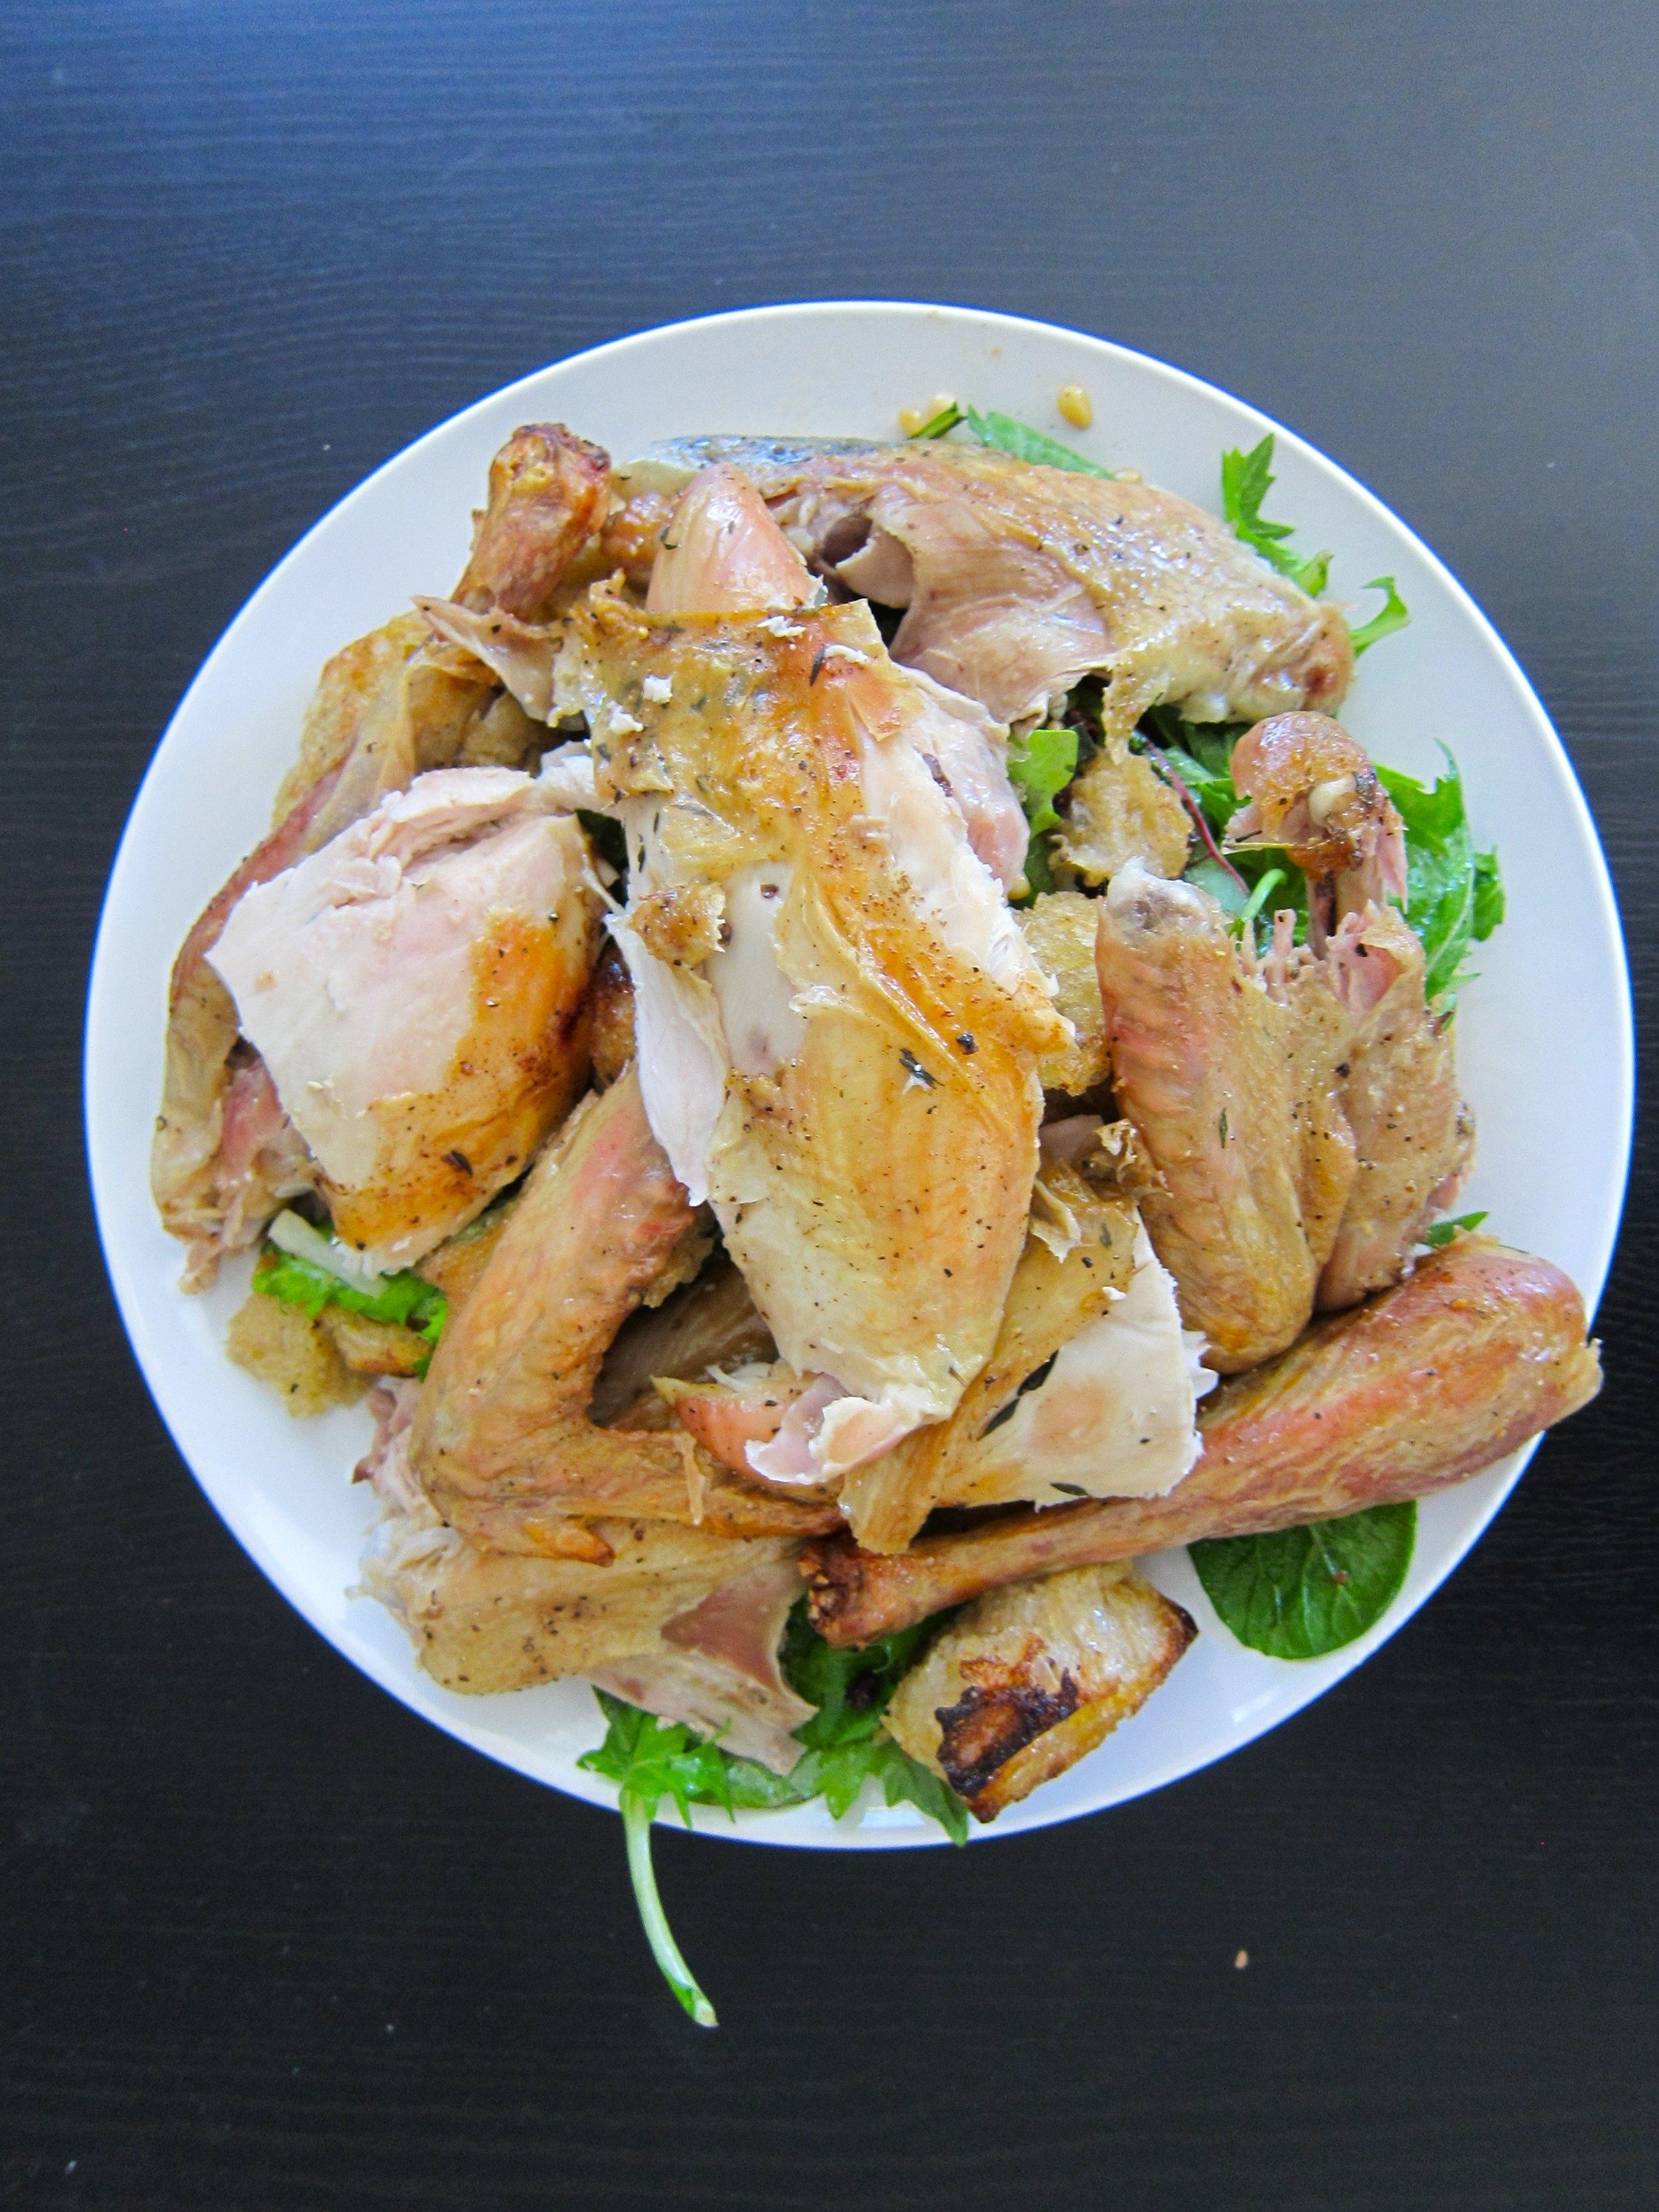 Zuni Cafe Roast chicken